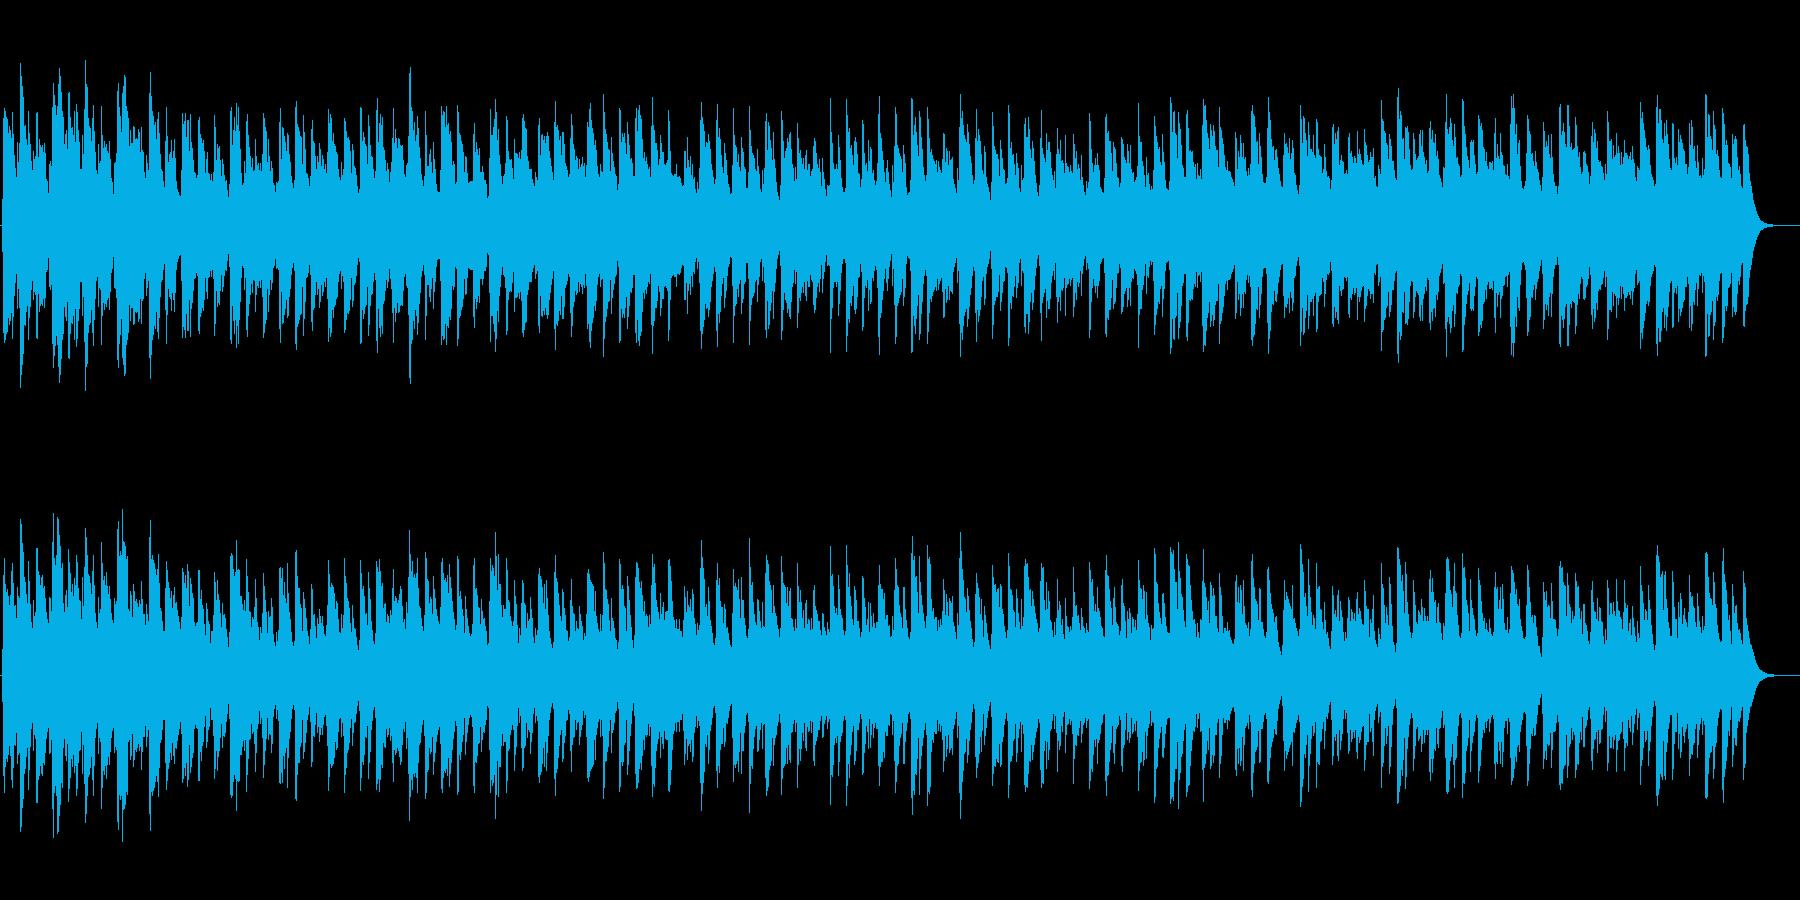 むすんでひらいての再生済みの波形